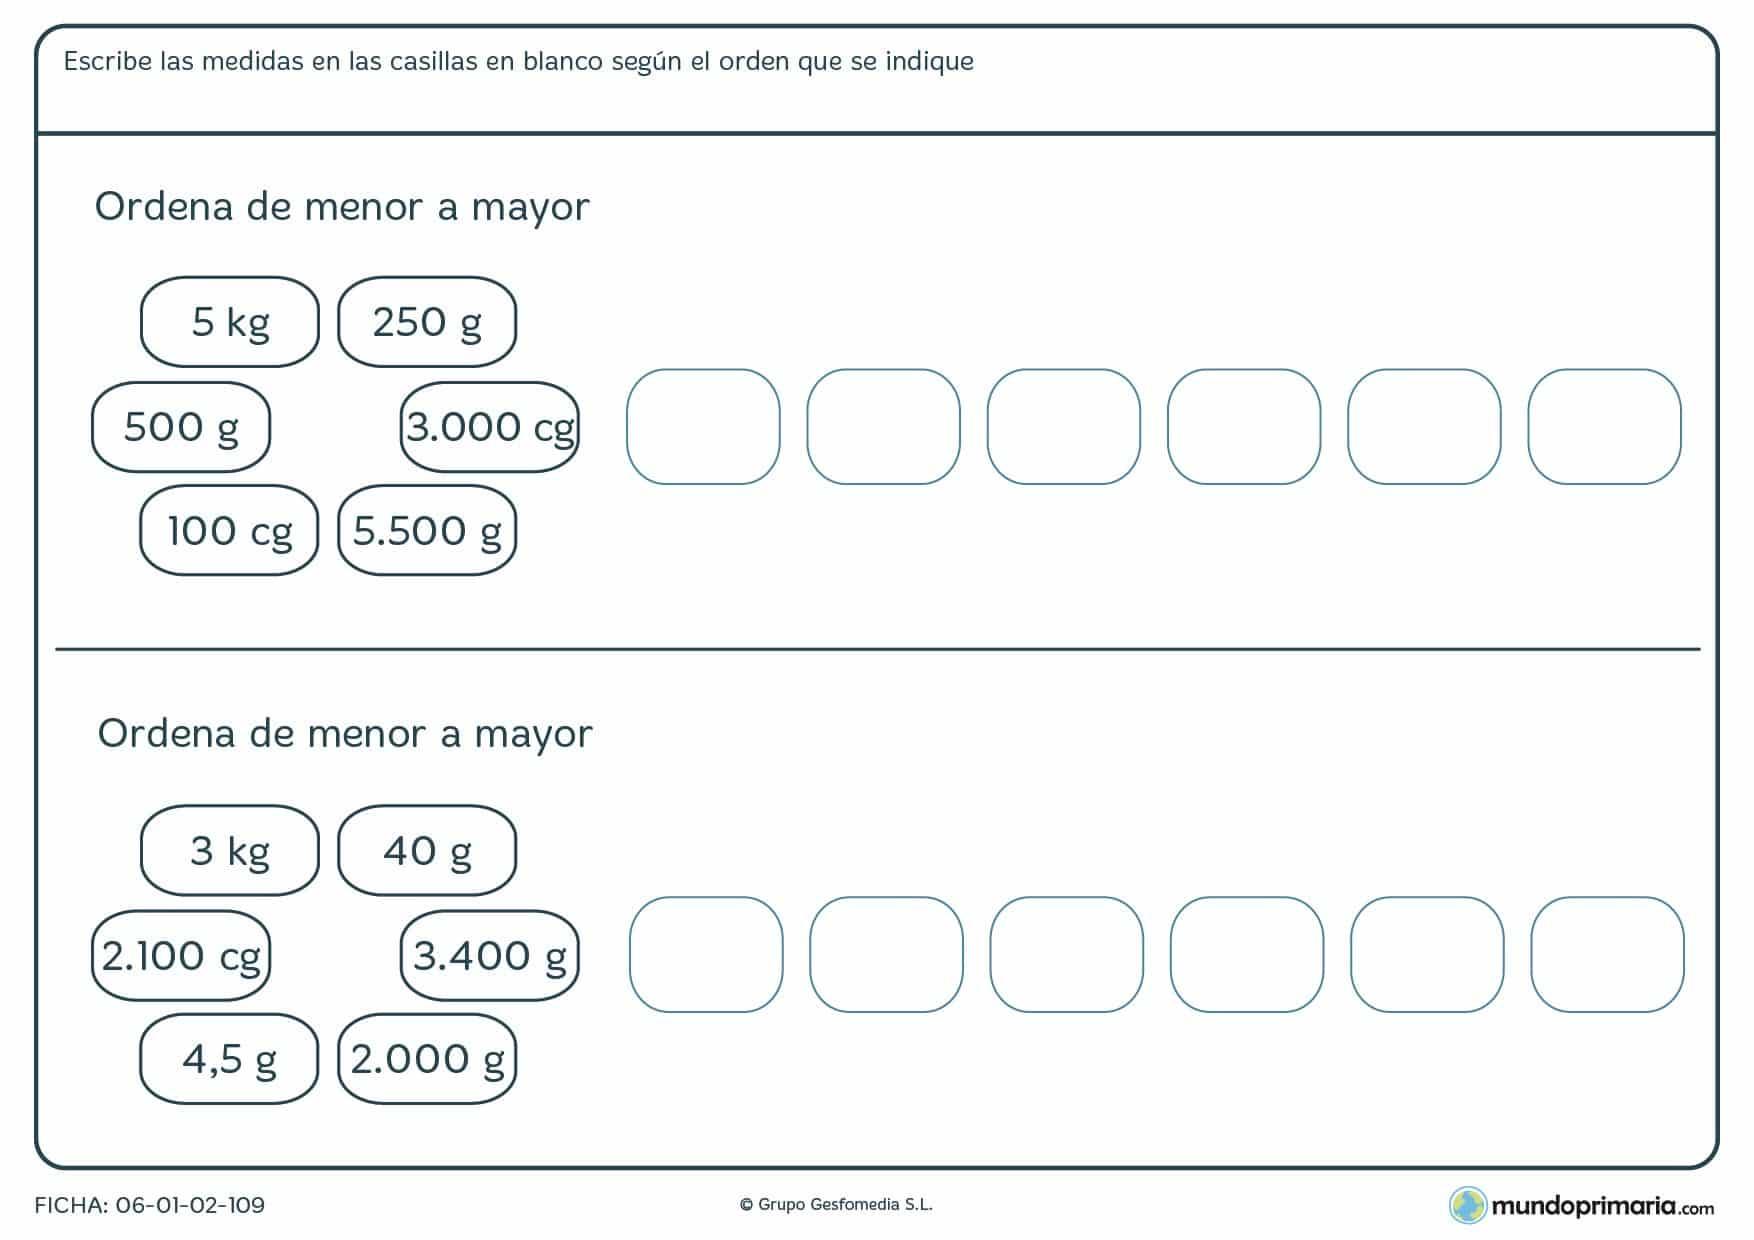 Ficha de ordenar pesos de menor a menor en los espacios en blanco.